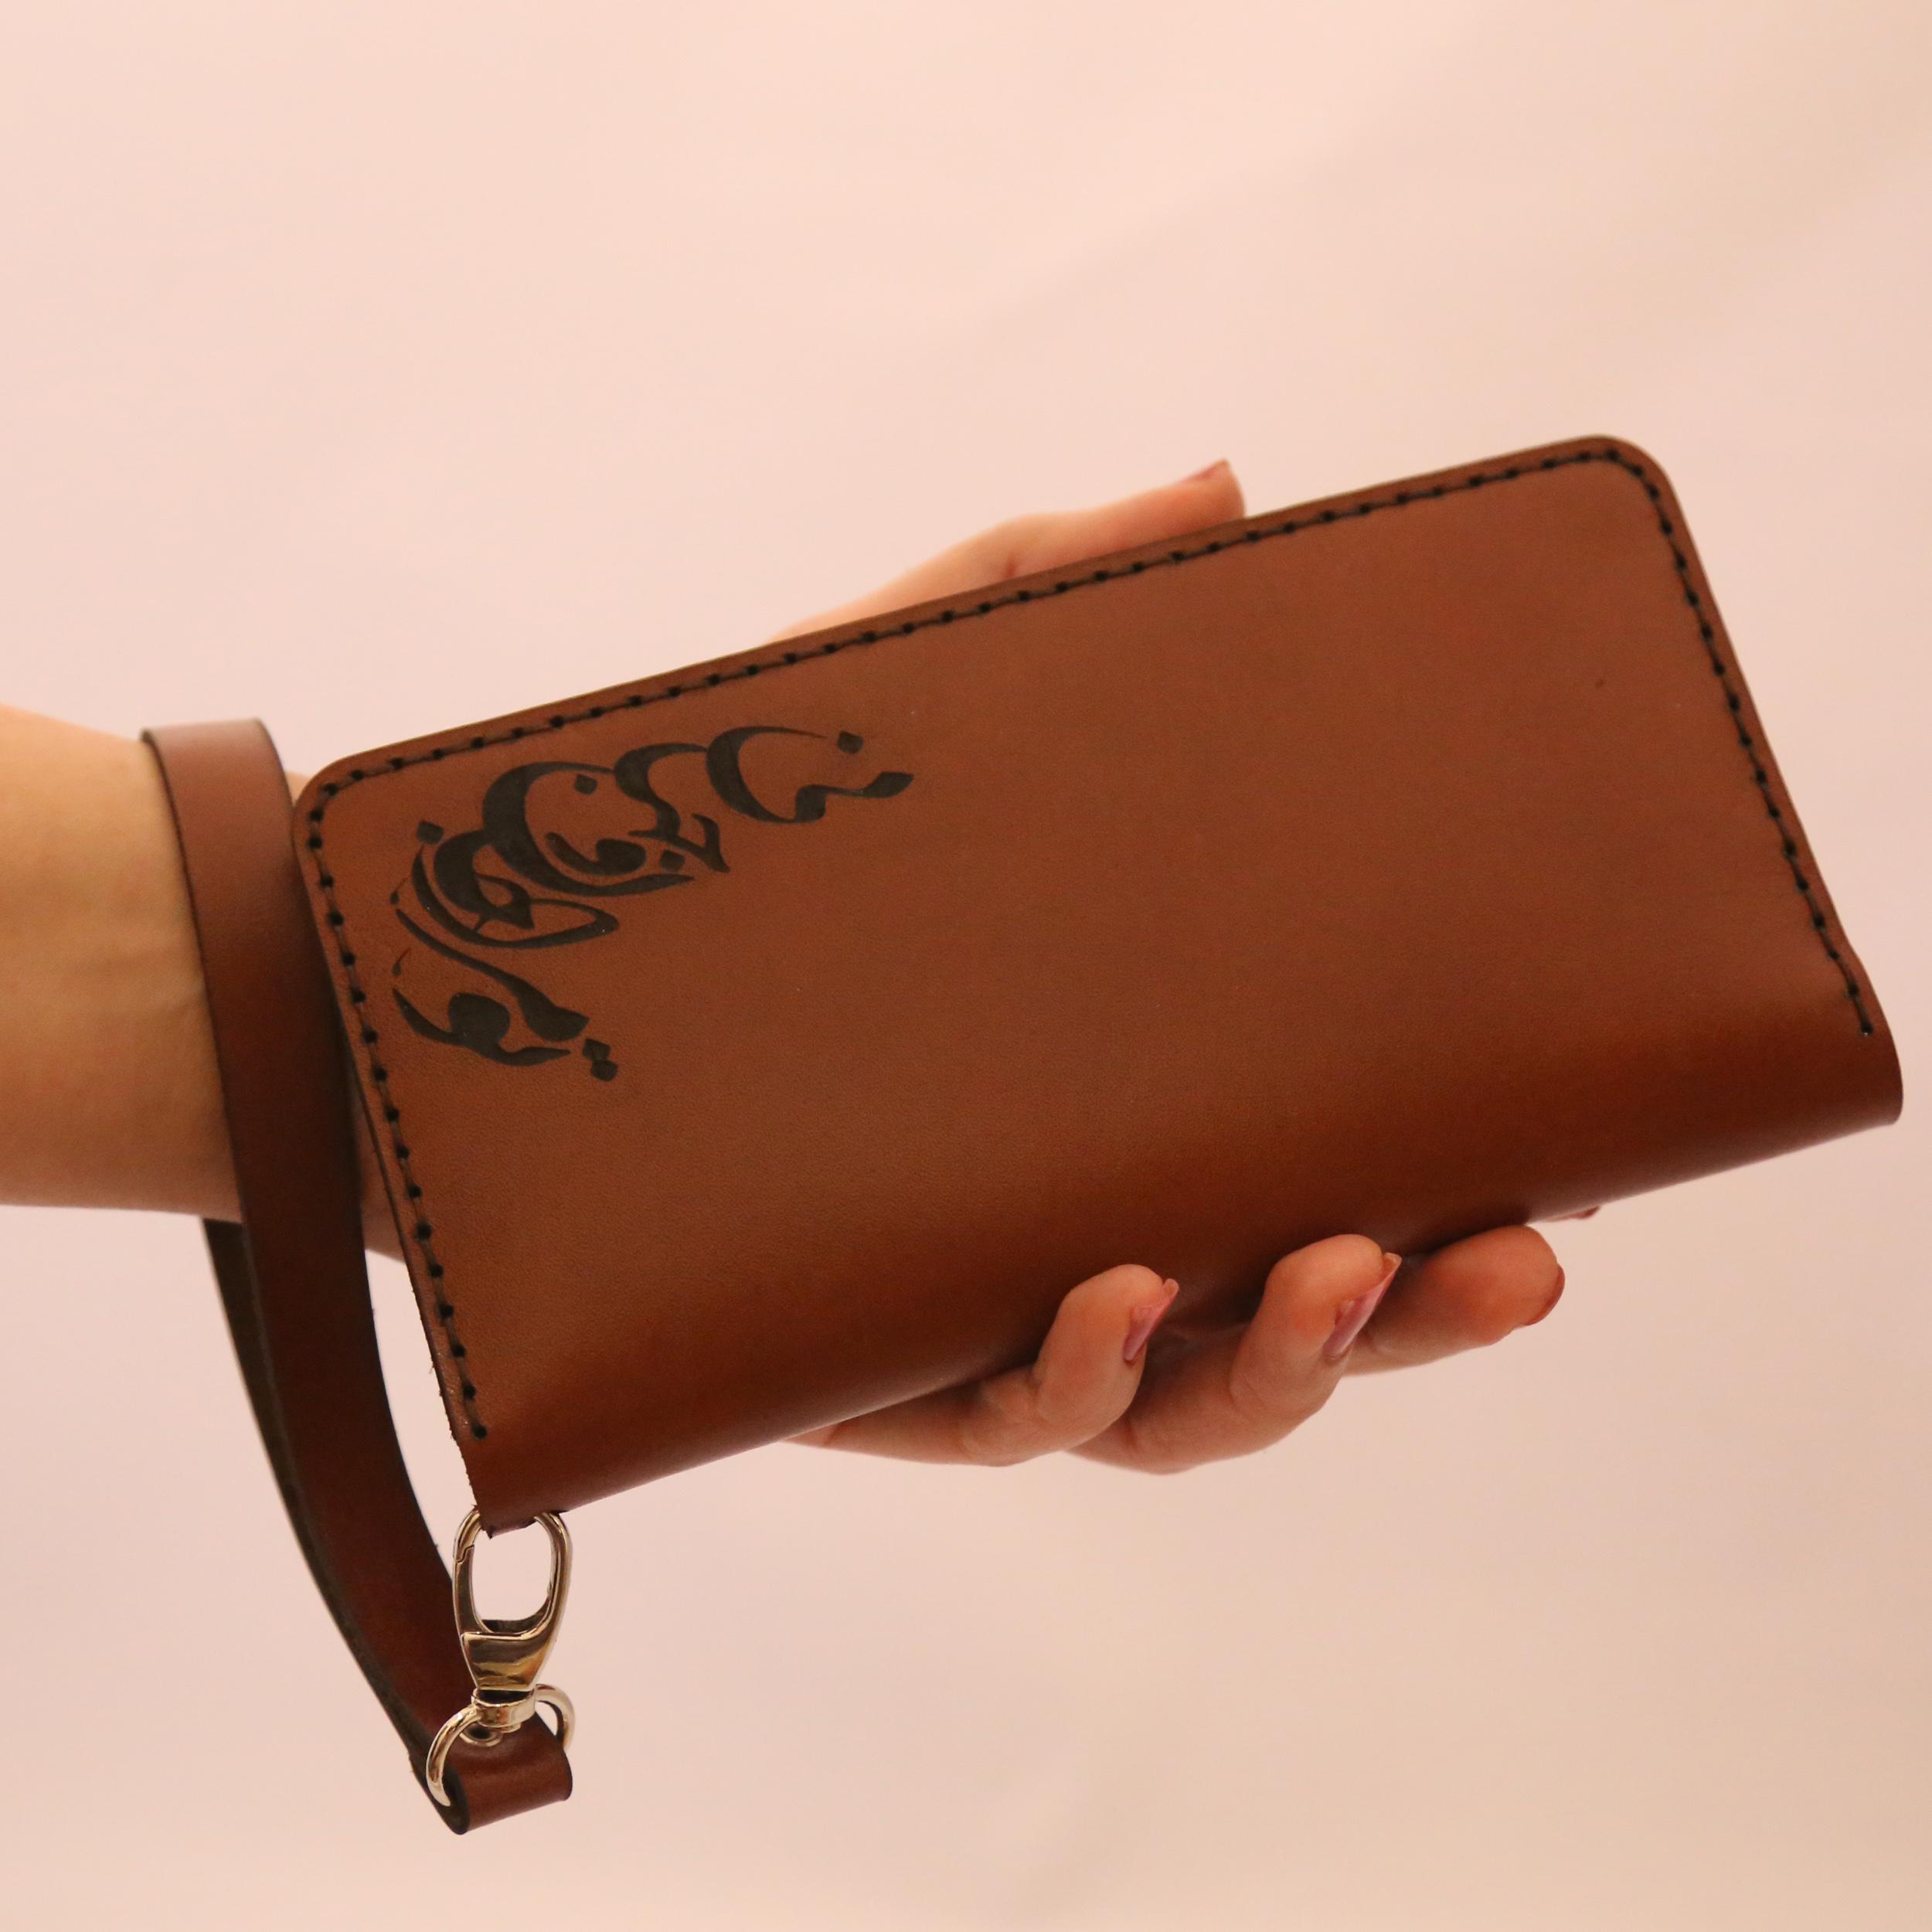 Leather wallet, Janan model, code 222